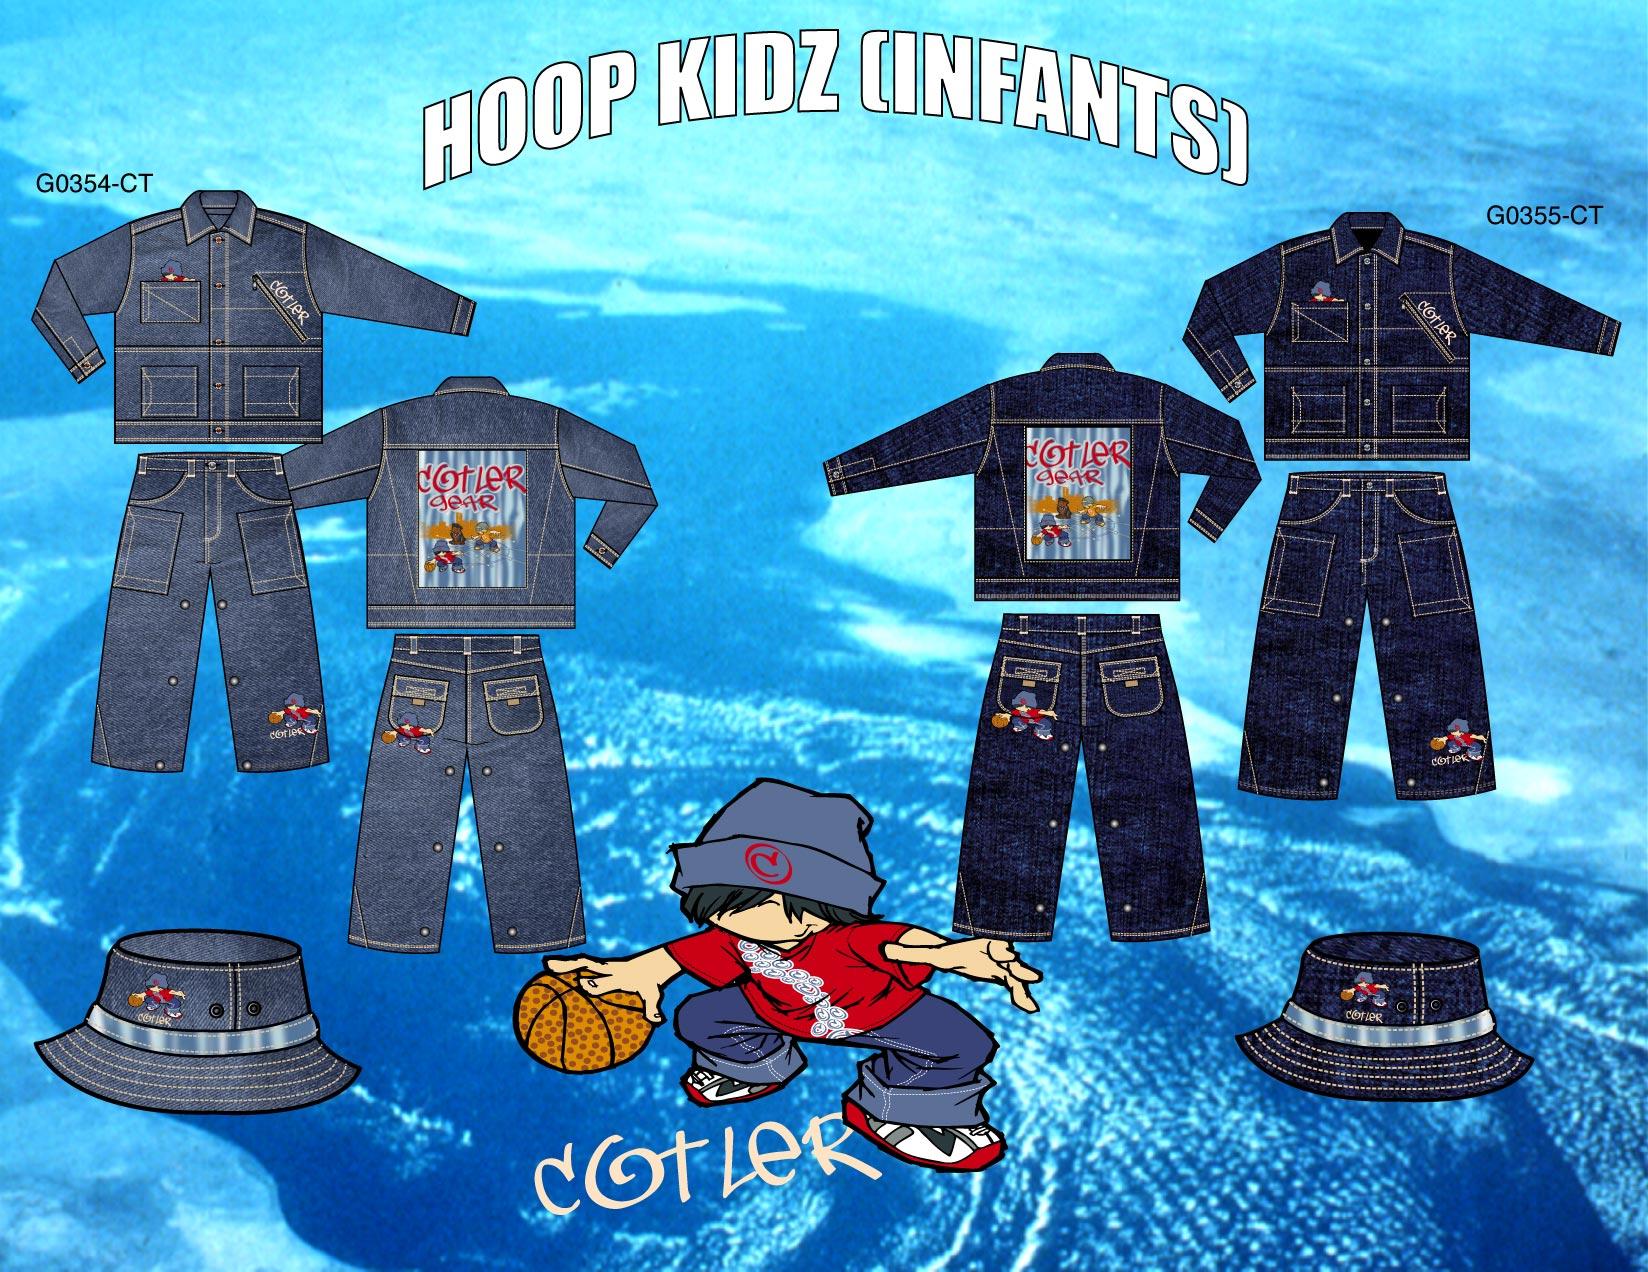 hoopkidz-infants.jpg